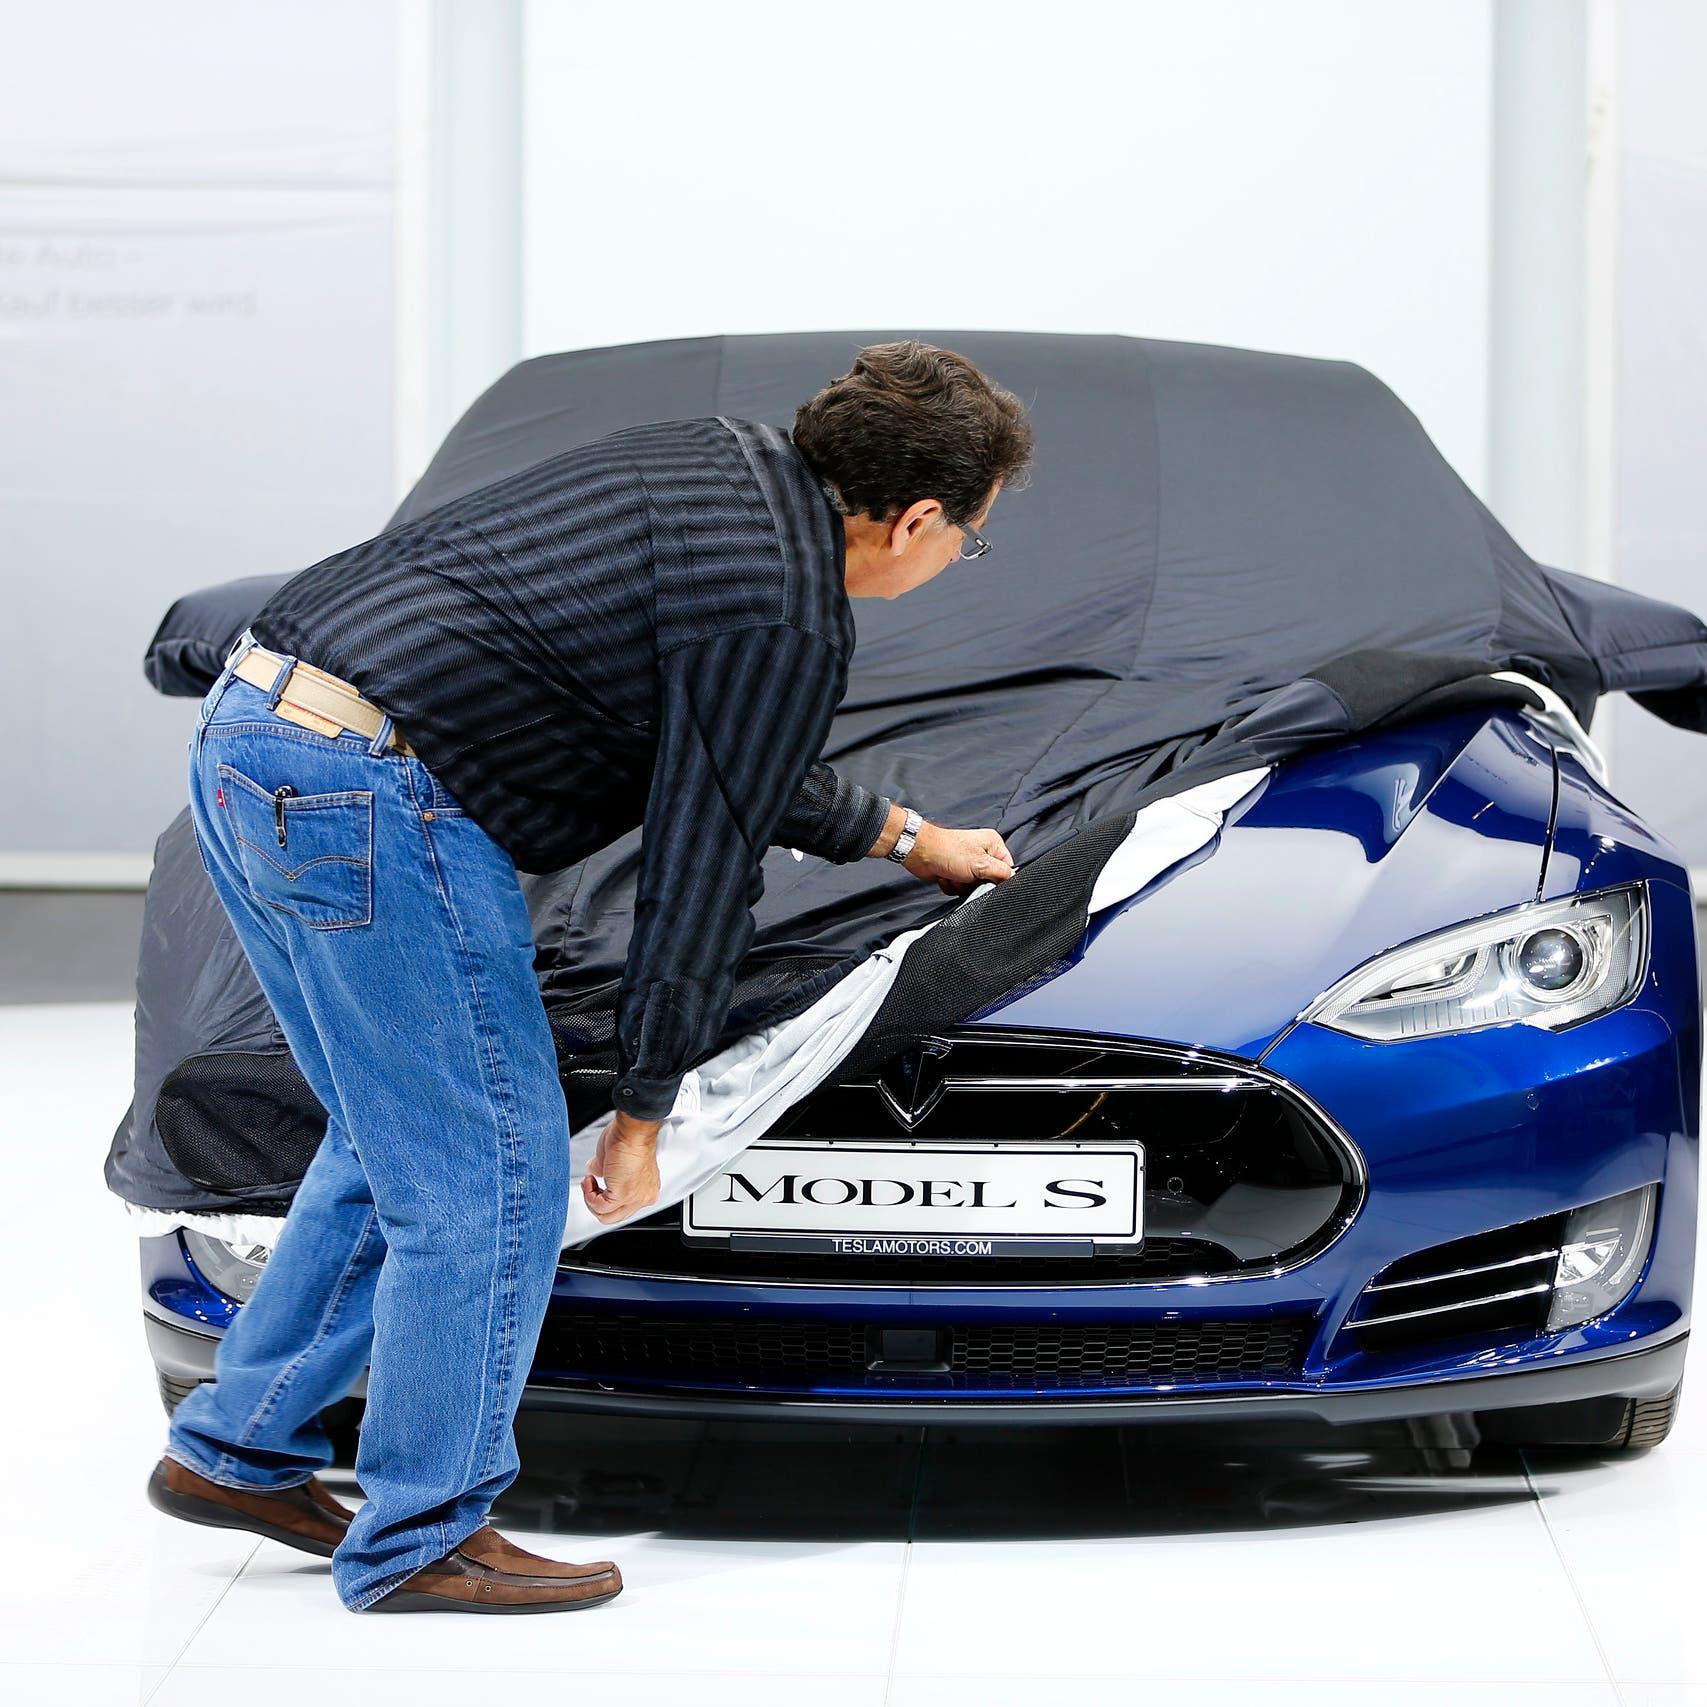 """قرار مفاجئ.. إيلون ماسك يلغي خطط """"تسلا"""" لتطوير سيارتها الخارقة"""